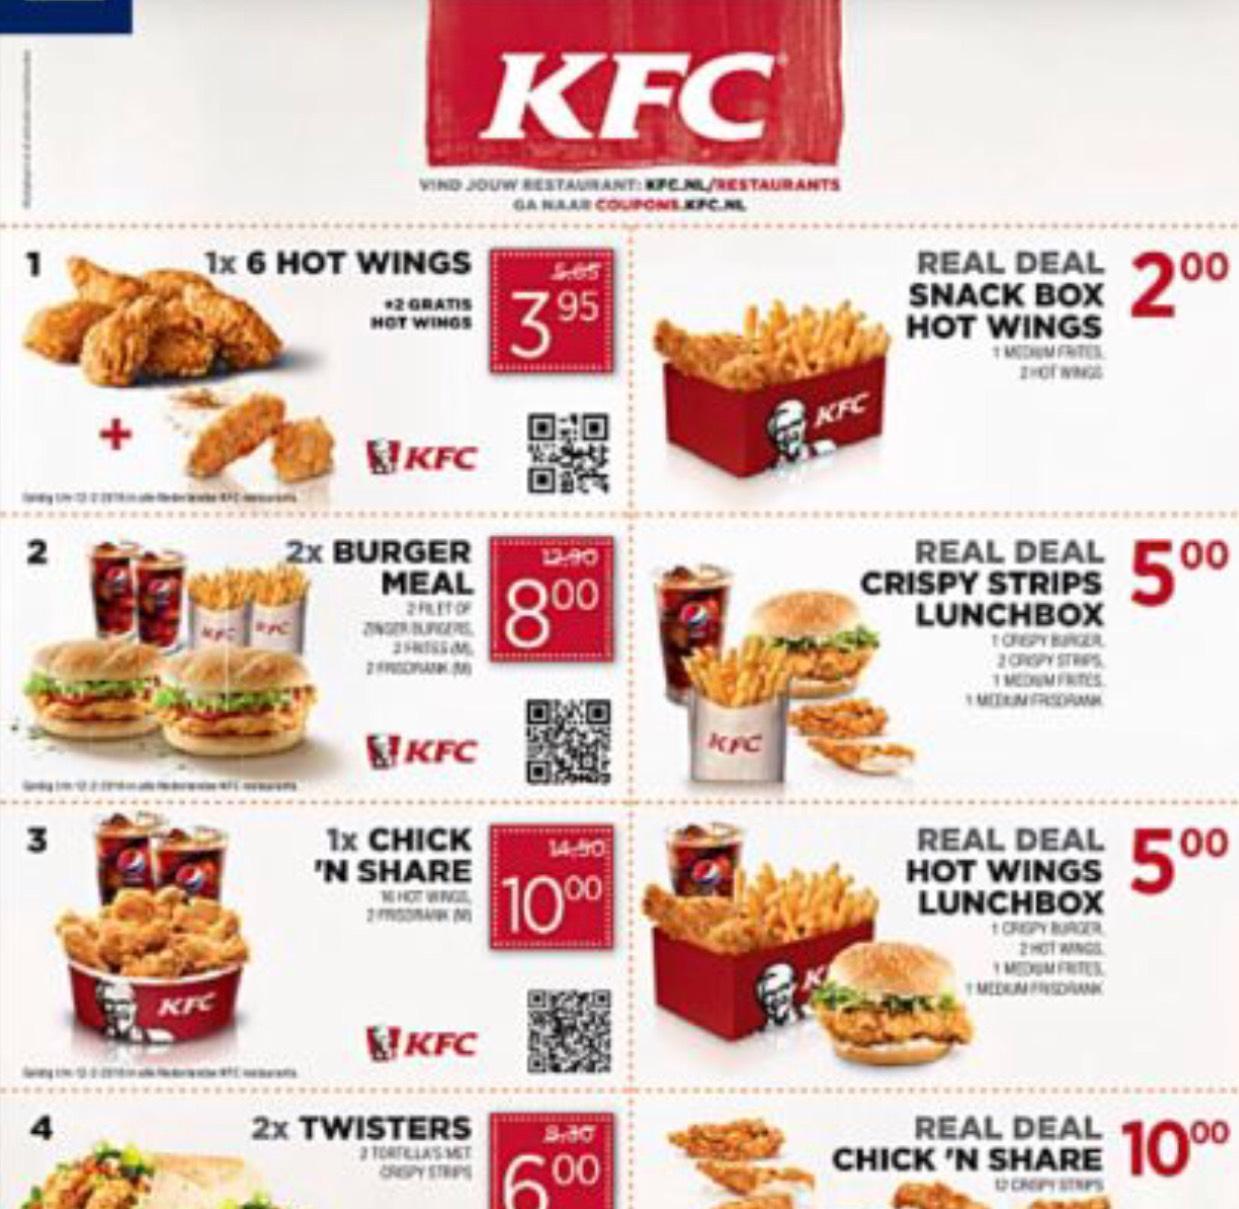 KFC coupons @KFC